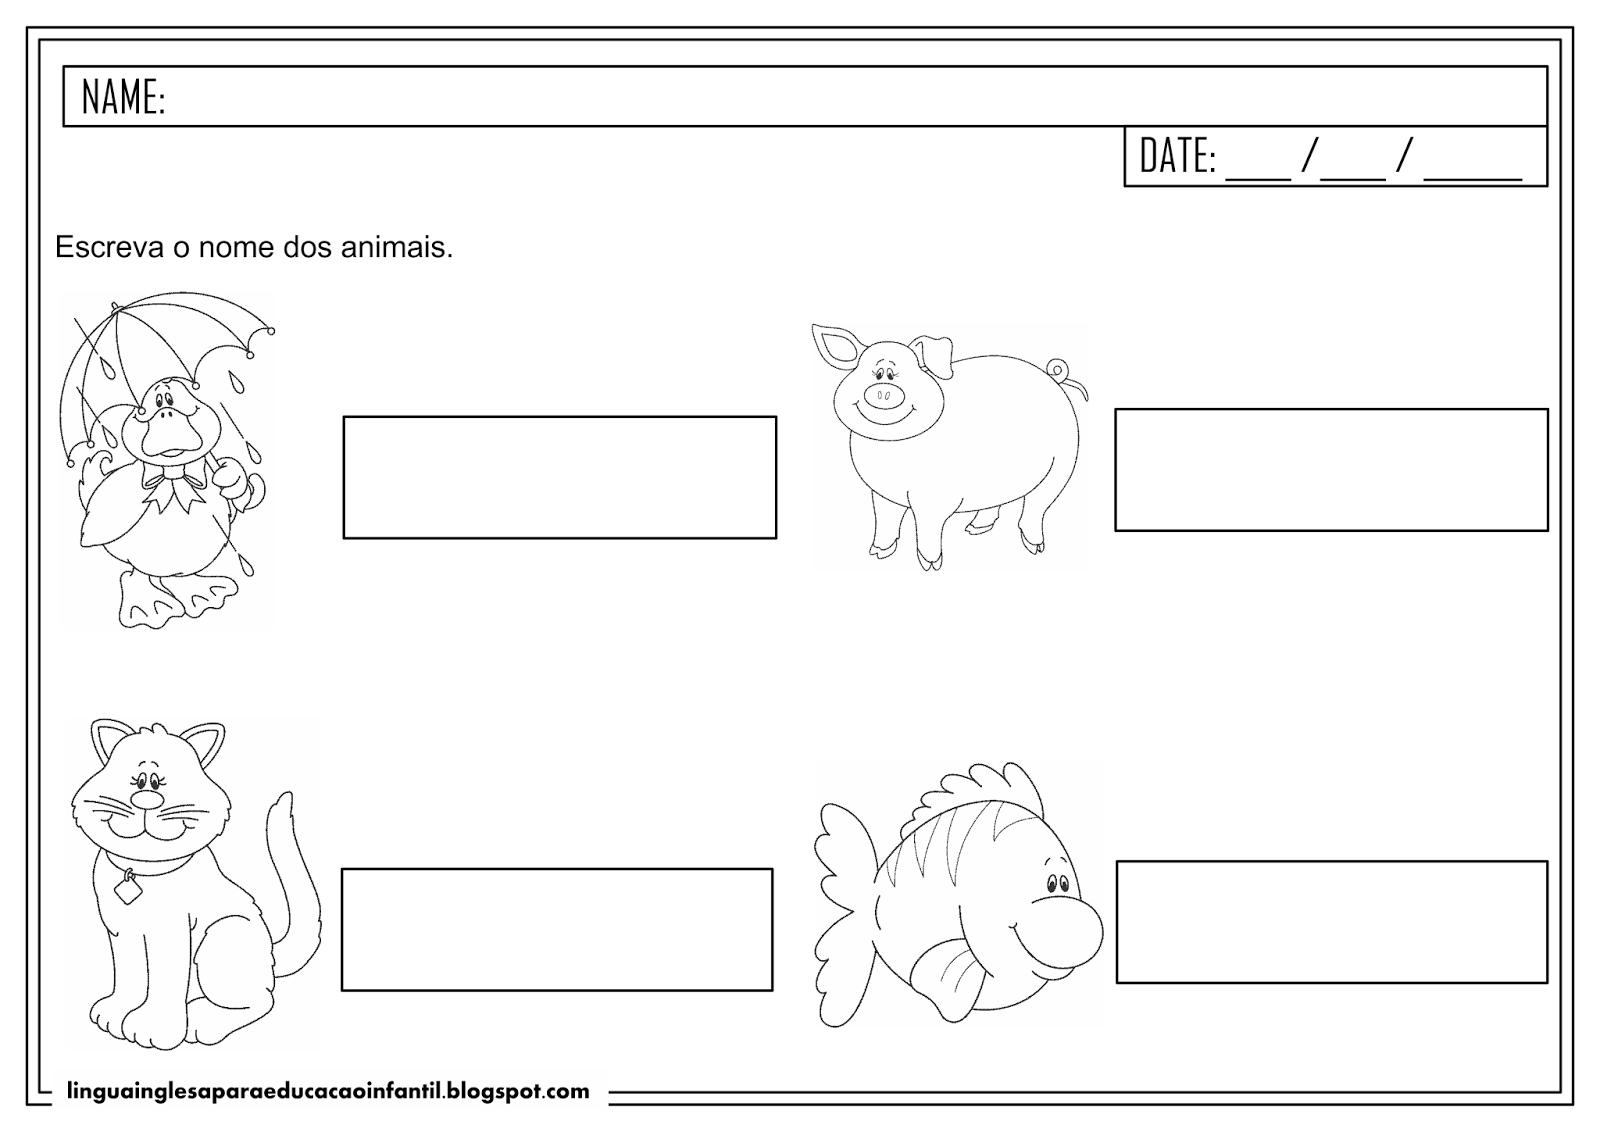 Atividade com animais em inglês para educação infantil